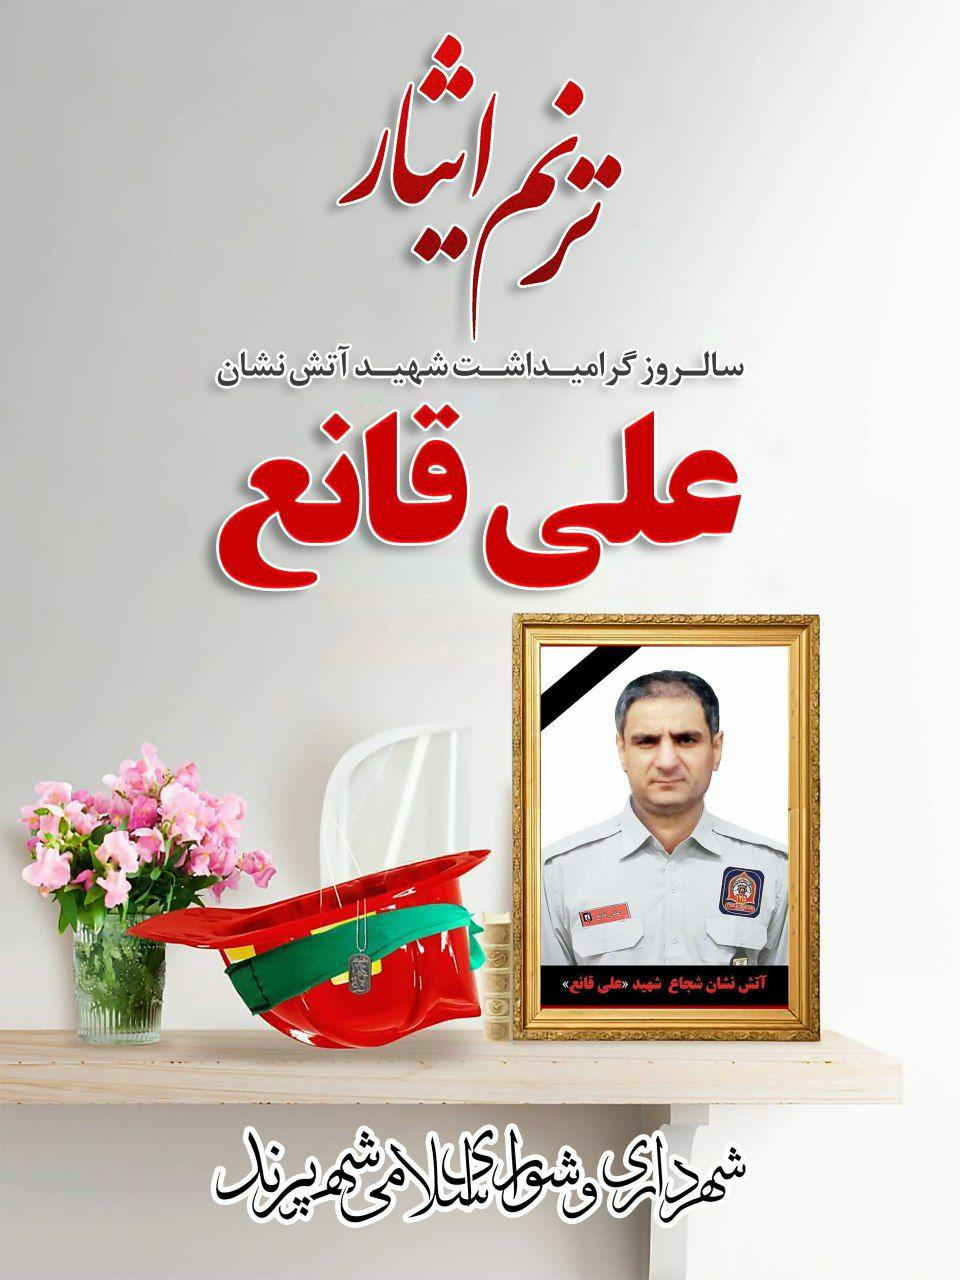 استقرار دو ایستگاه صلواتی در سومین سالگرد شهادتِ آتشنشان پرندی شهید علی قانع